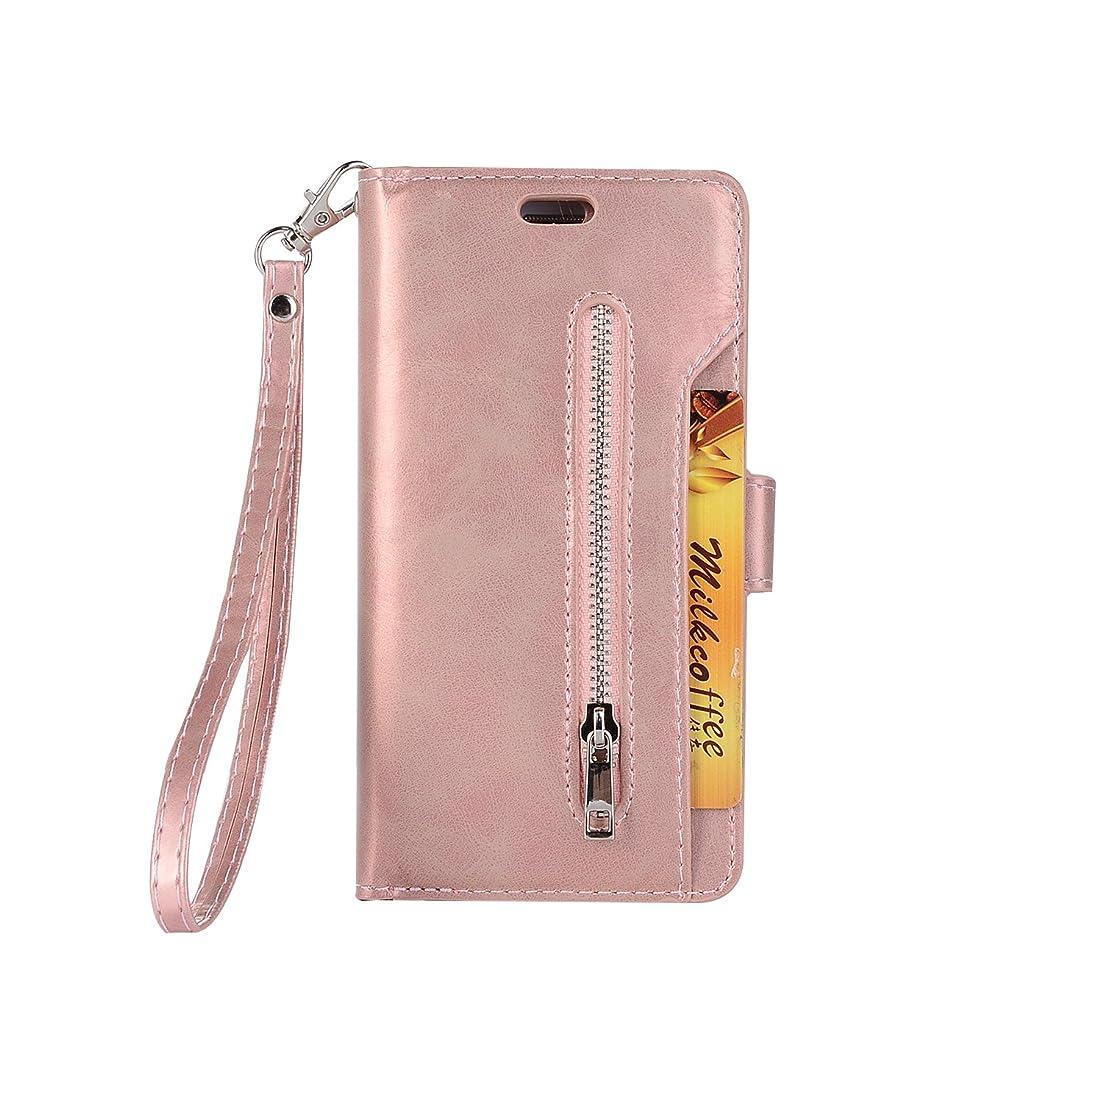 利益報復する導出iPhone Xr 保護ケース 多機能、SIMPLE DO レザーケース 収納型 財布型 マグネット式吸着 スタンド機能 ジッパー付き 盗難防止 防水 耐汚れ ビジネス用(ローズゴールド)